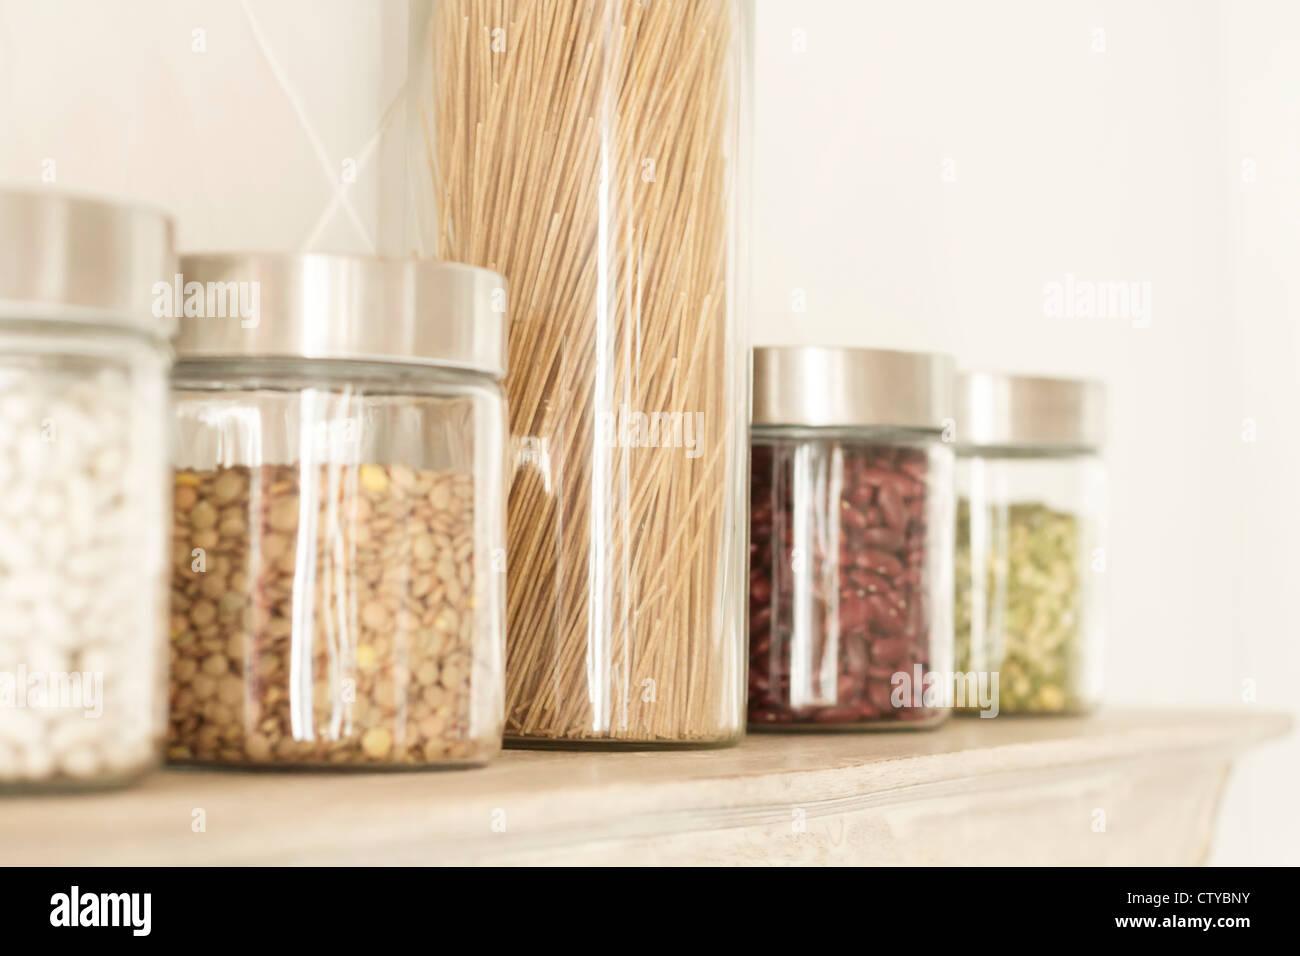 Les pâtes, lentilles et haricots en bocaux sur l'étagère. Photo Stock